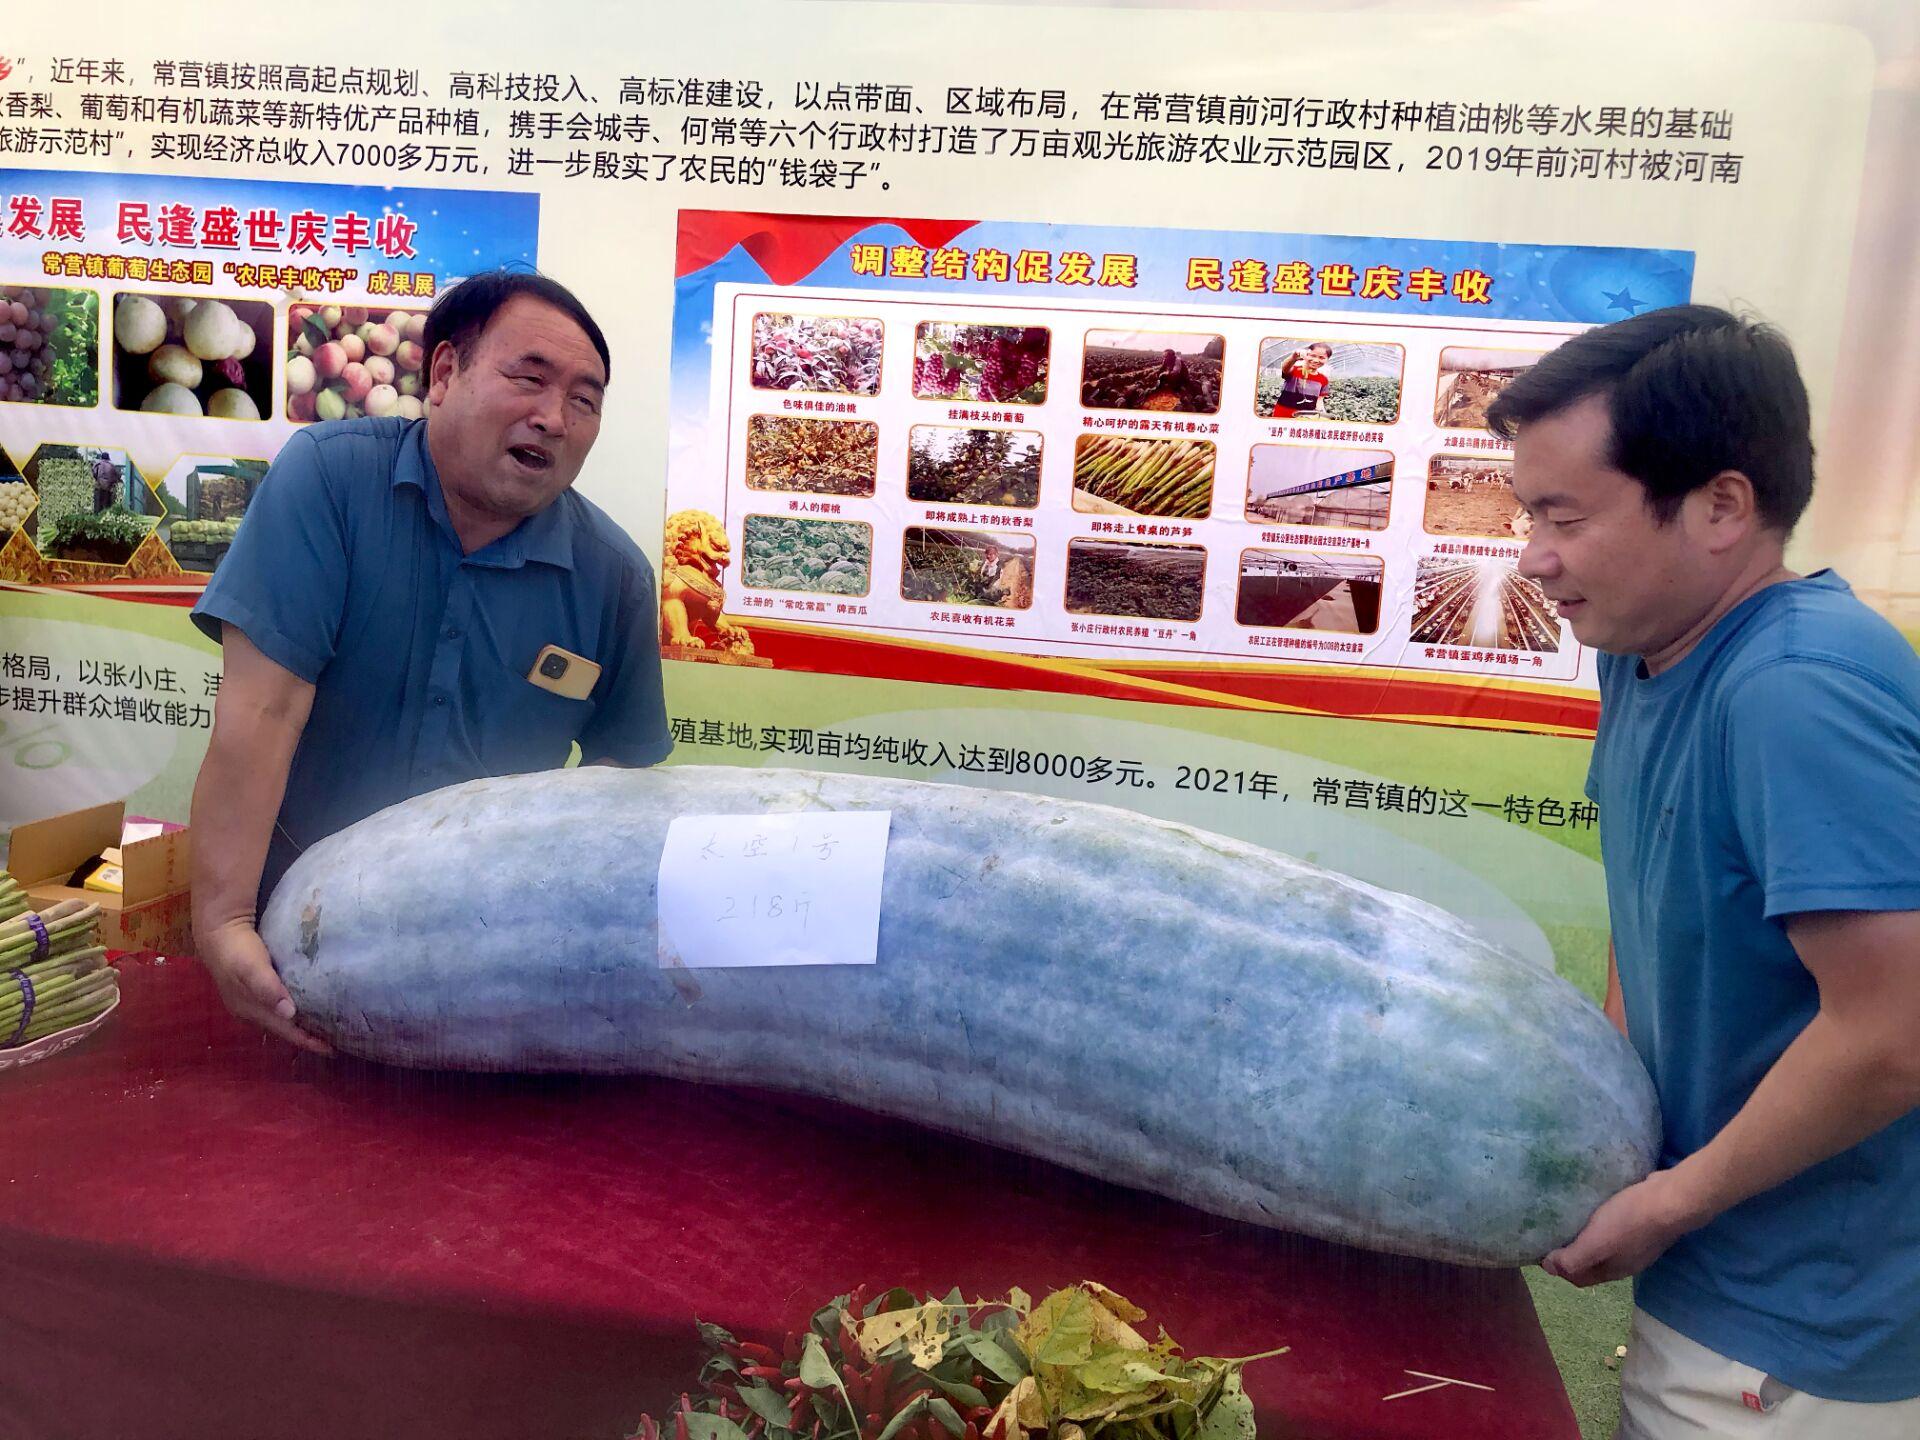 周口丰收节丨这个冬瓜有点沉,218斤,来自太空育种